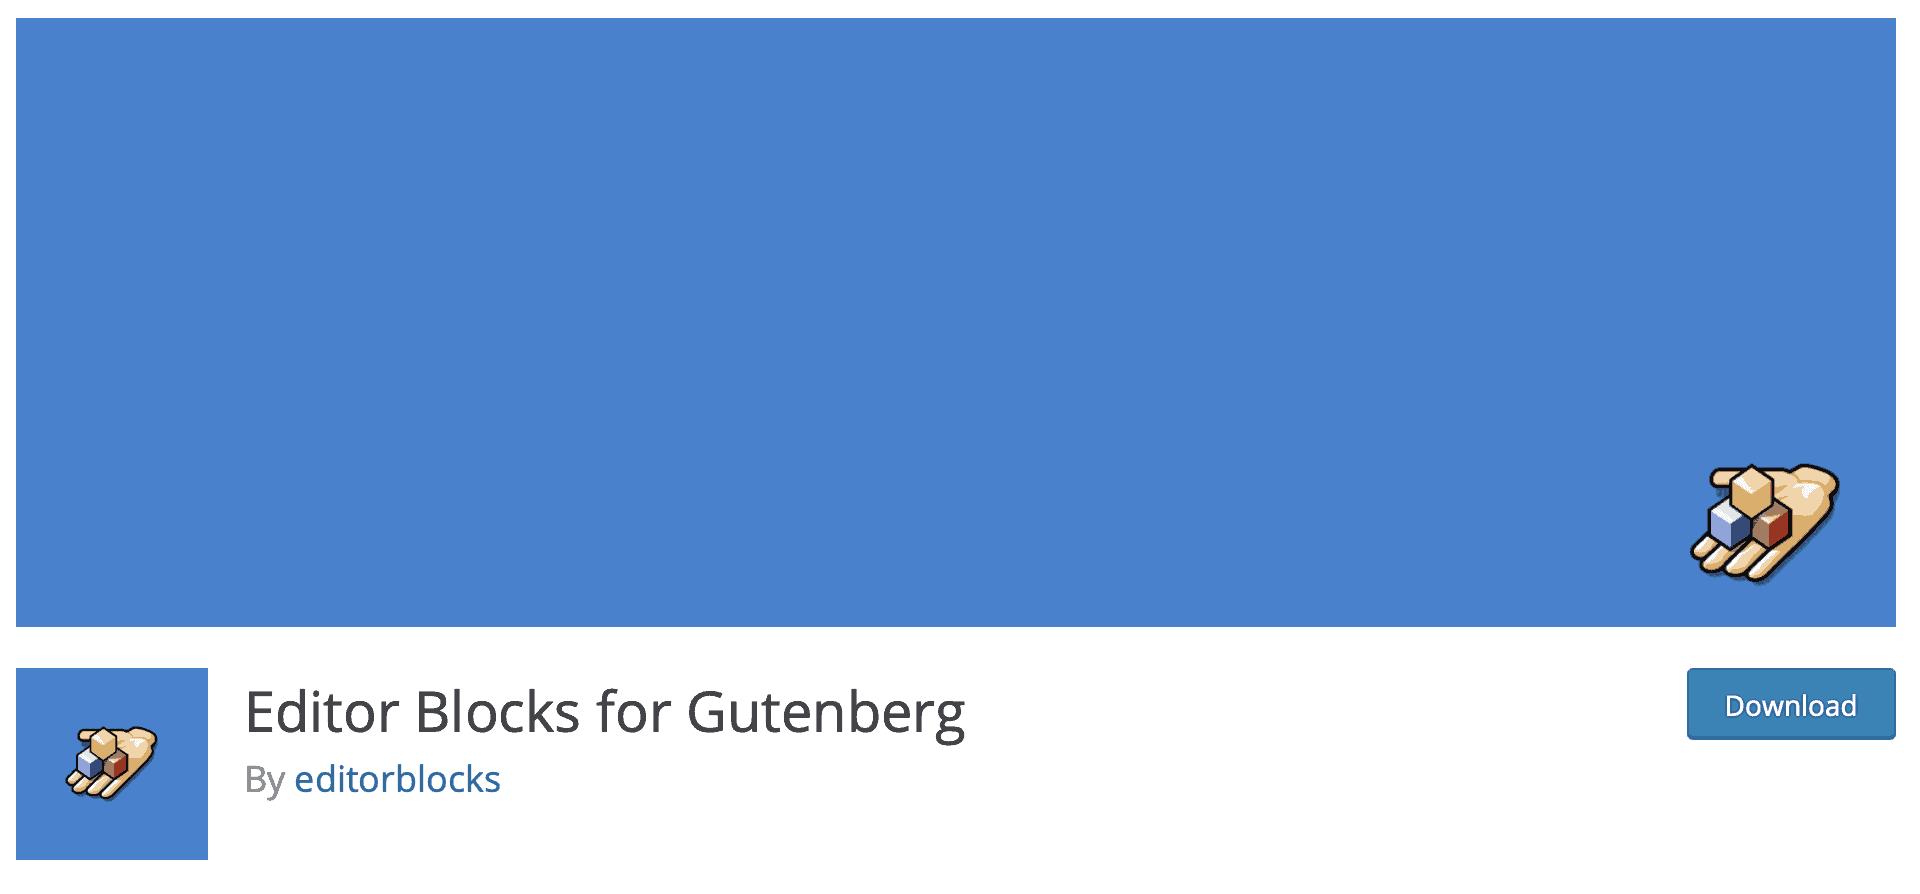 editor blocks